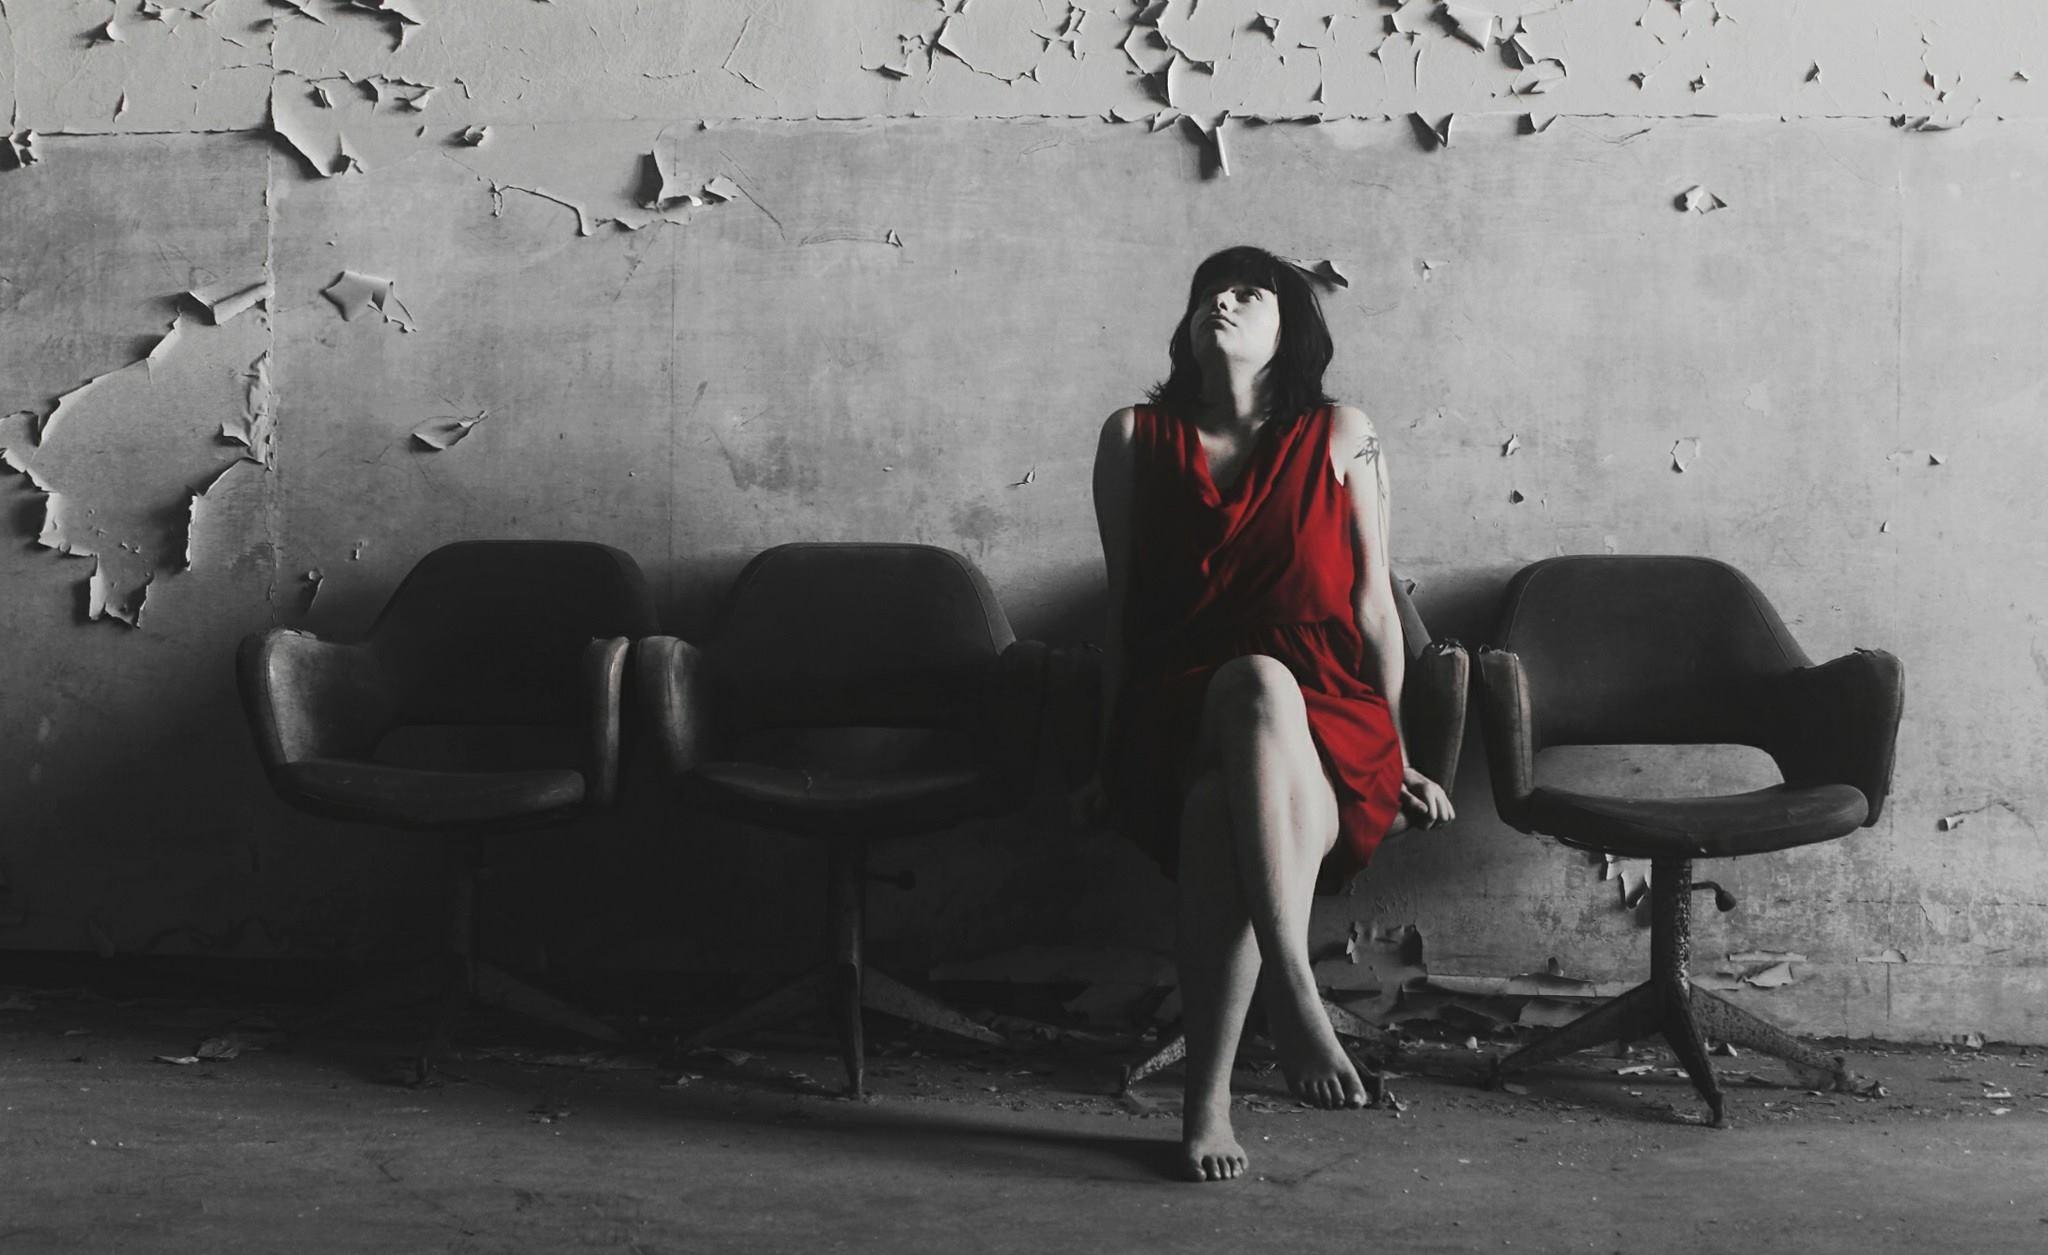 theWise incontra: Lady Decay e la magia dell'esplorazione urbana